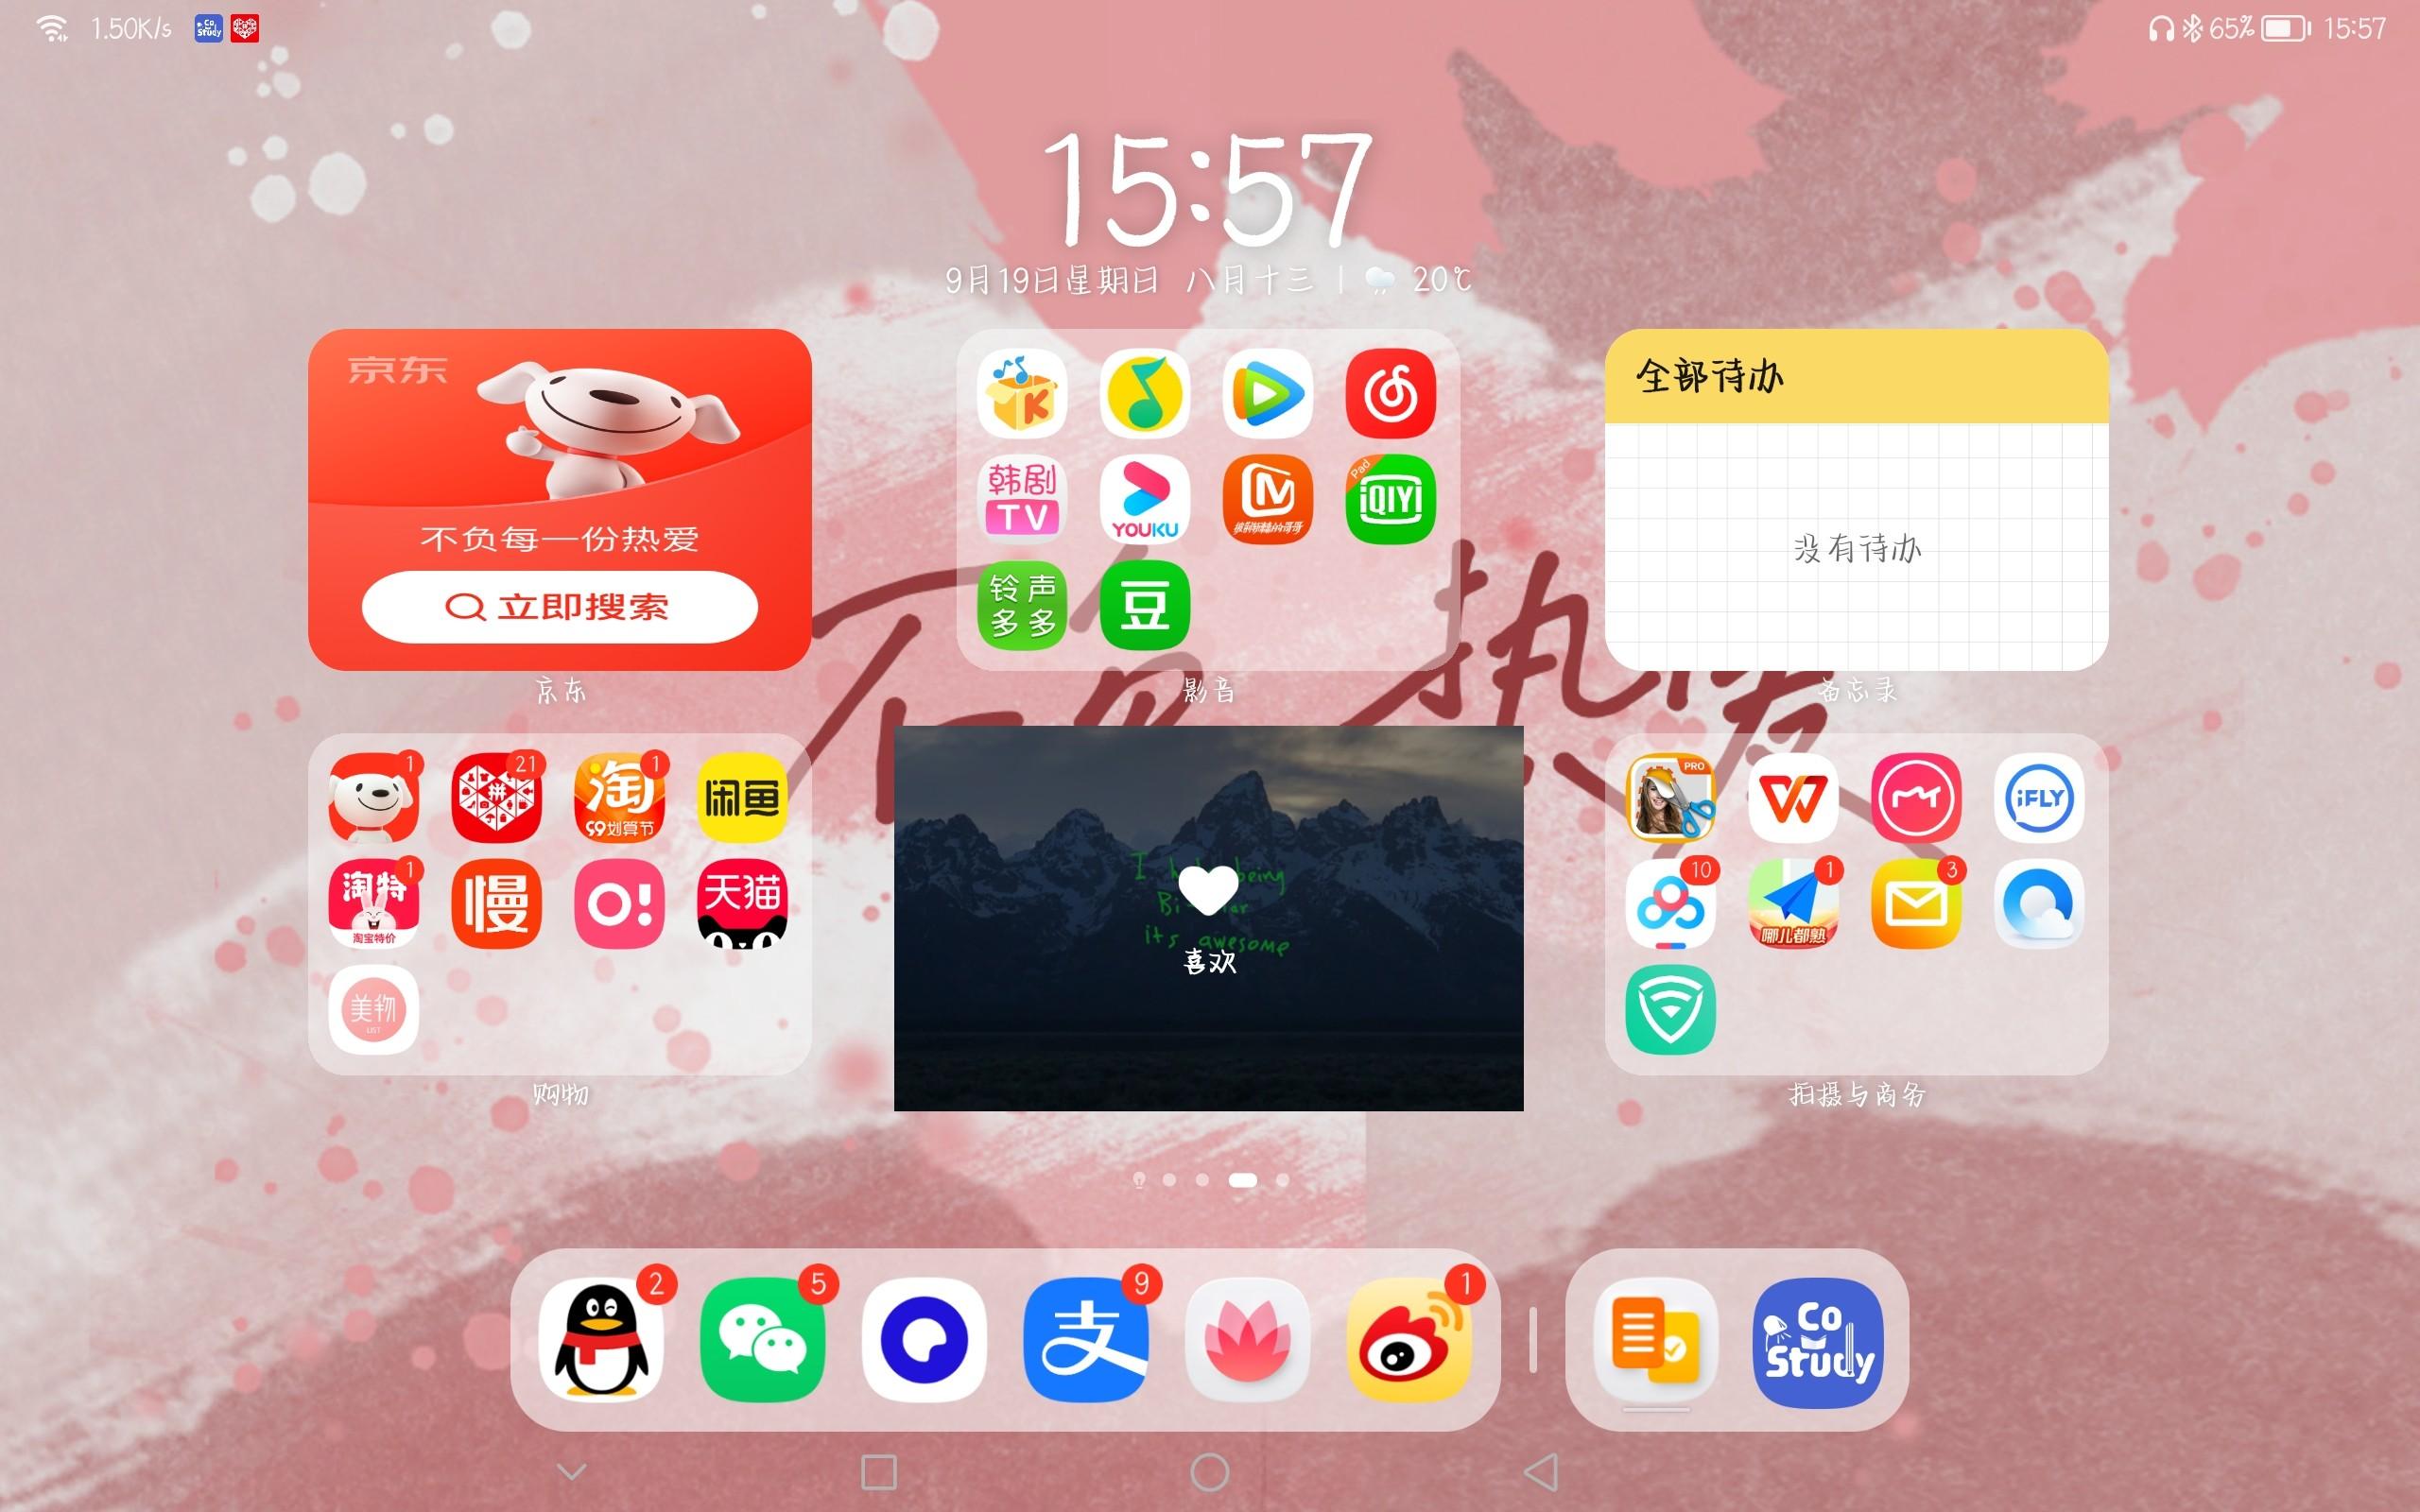 Screenshot_20210919_155726_com.huawei.android.launcher.jpg